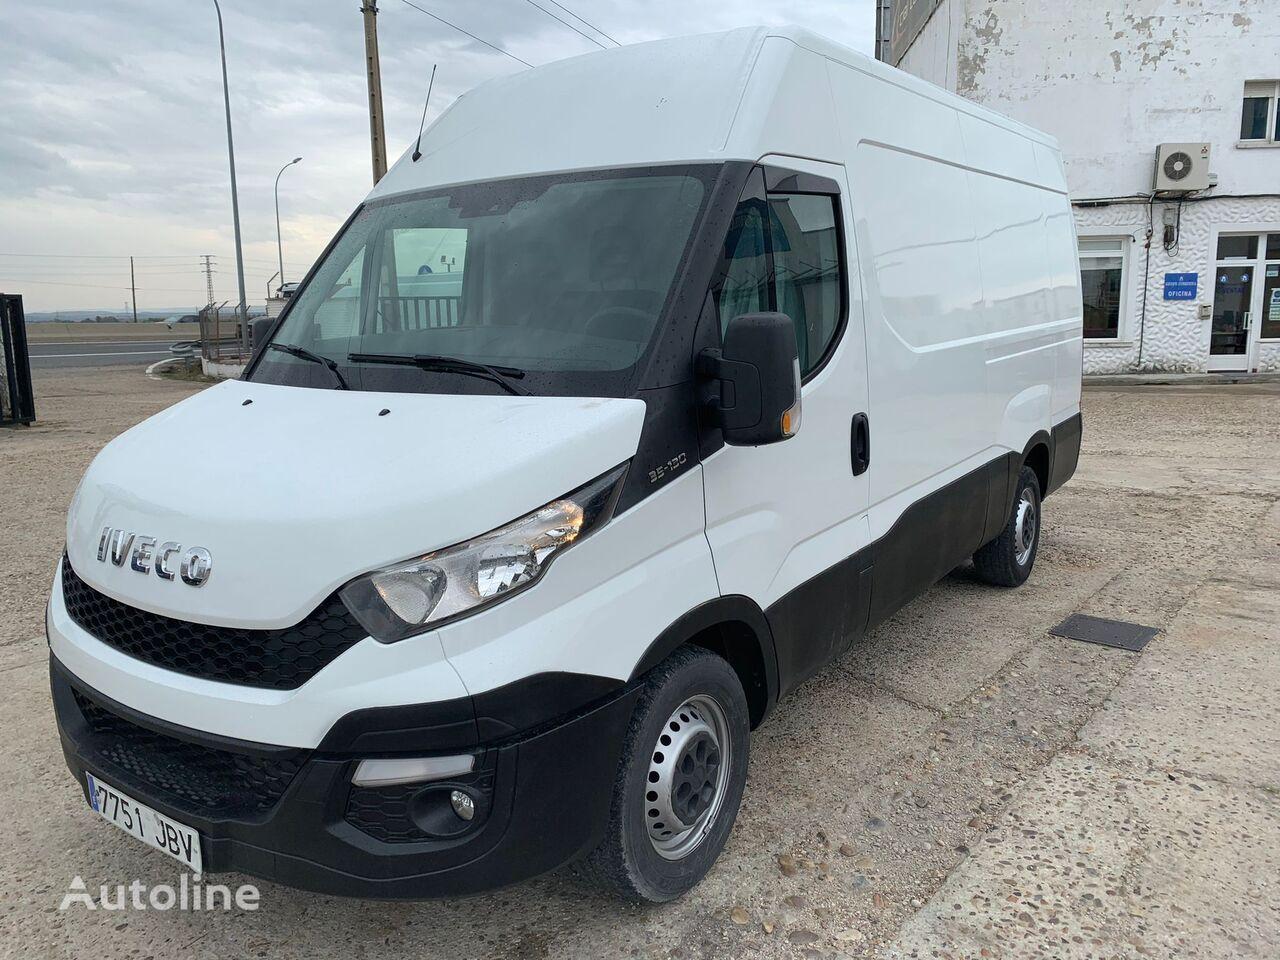 IVECO Daily 35S13 12M3 furgoneta